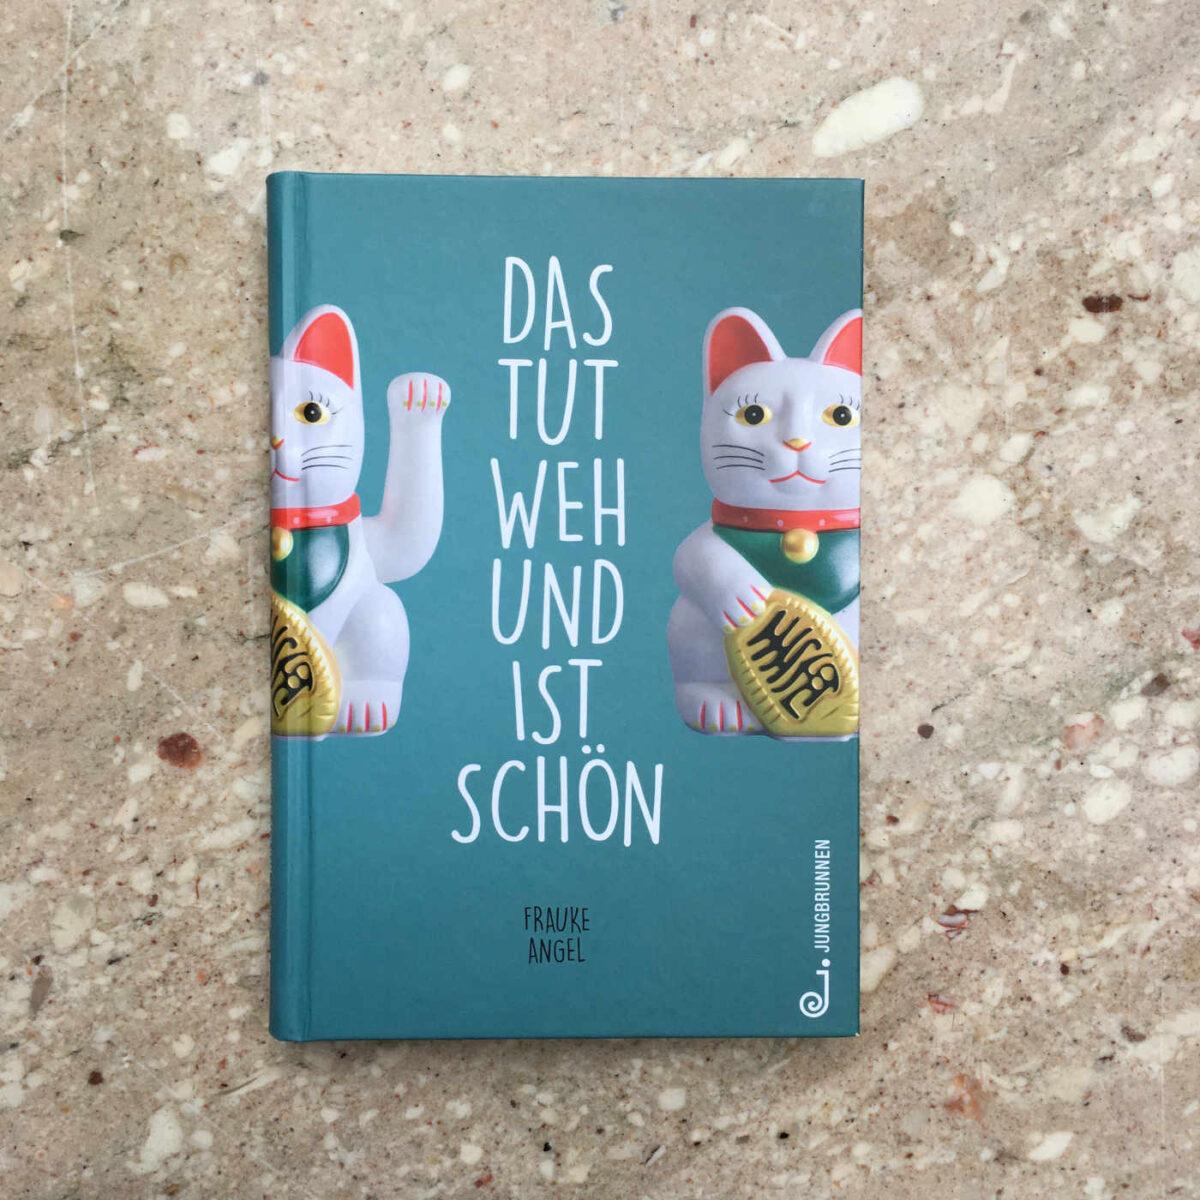 Frauke Angel: Das tut weh und ist schön